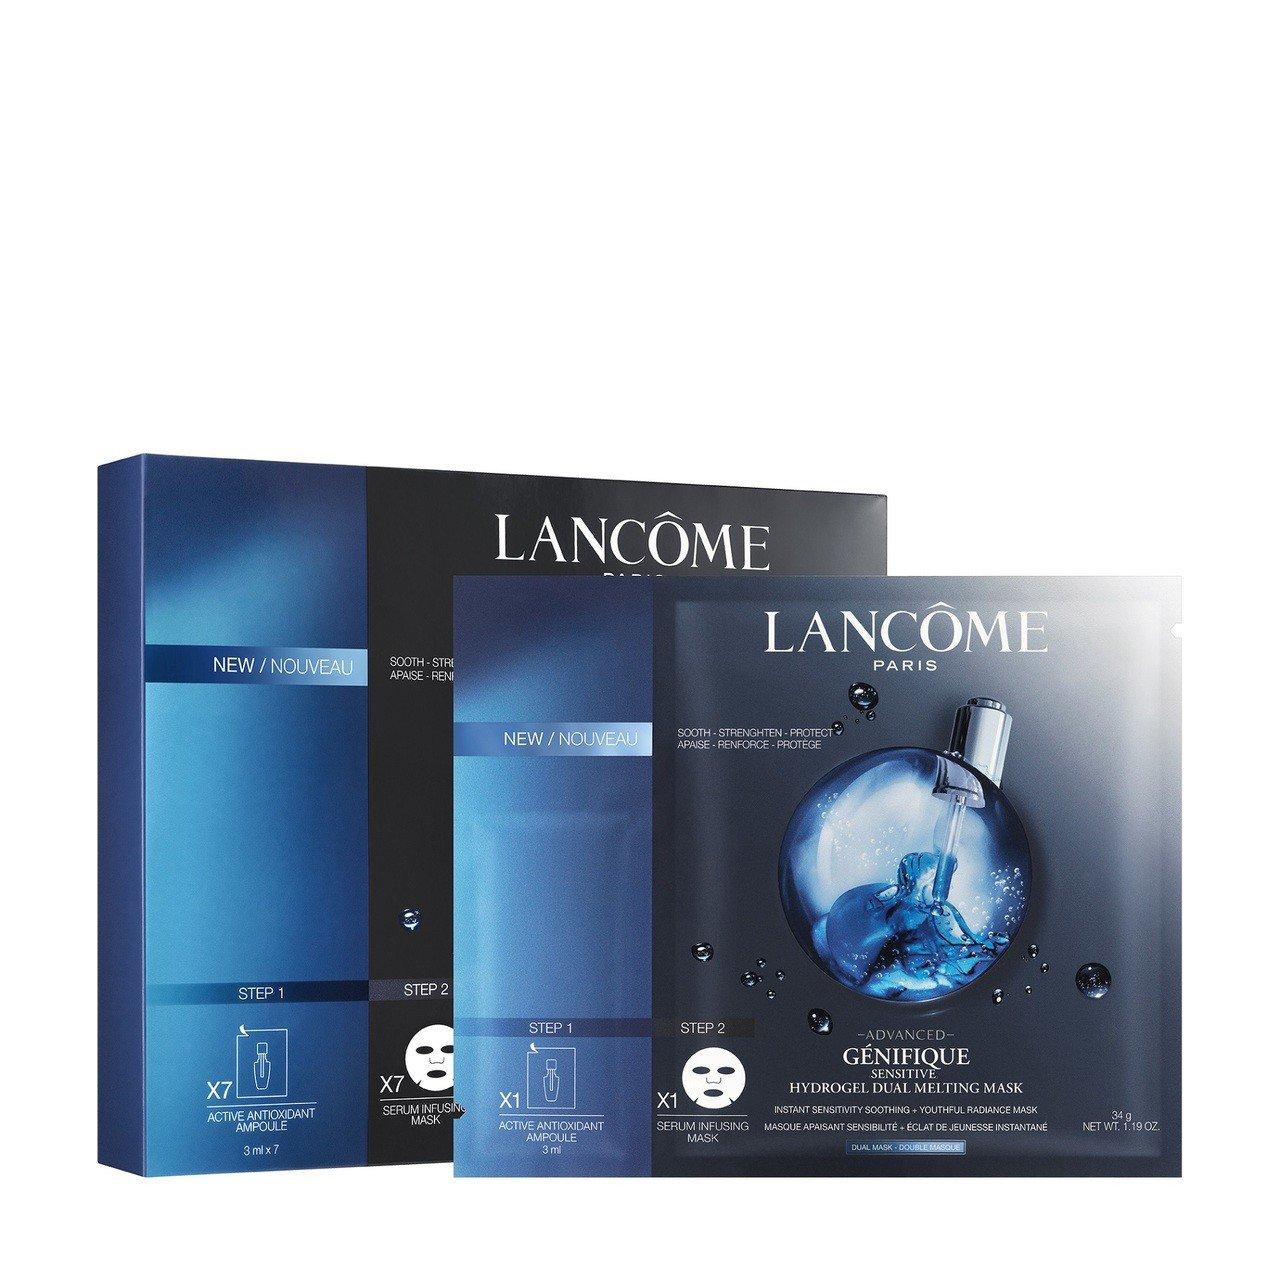 蘭蔻超進化肌因雙效安瓶面膜(7片入)/3,200元。圖/蘭蔻提供